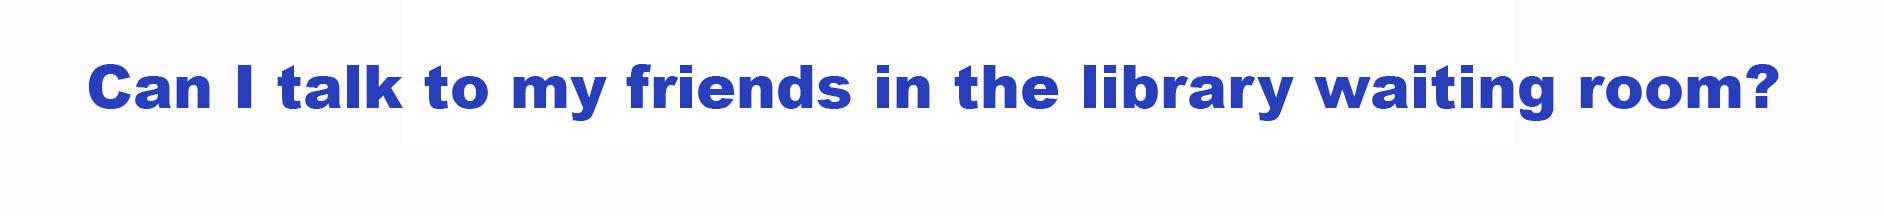 испоьзование модального глагола саn